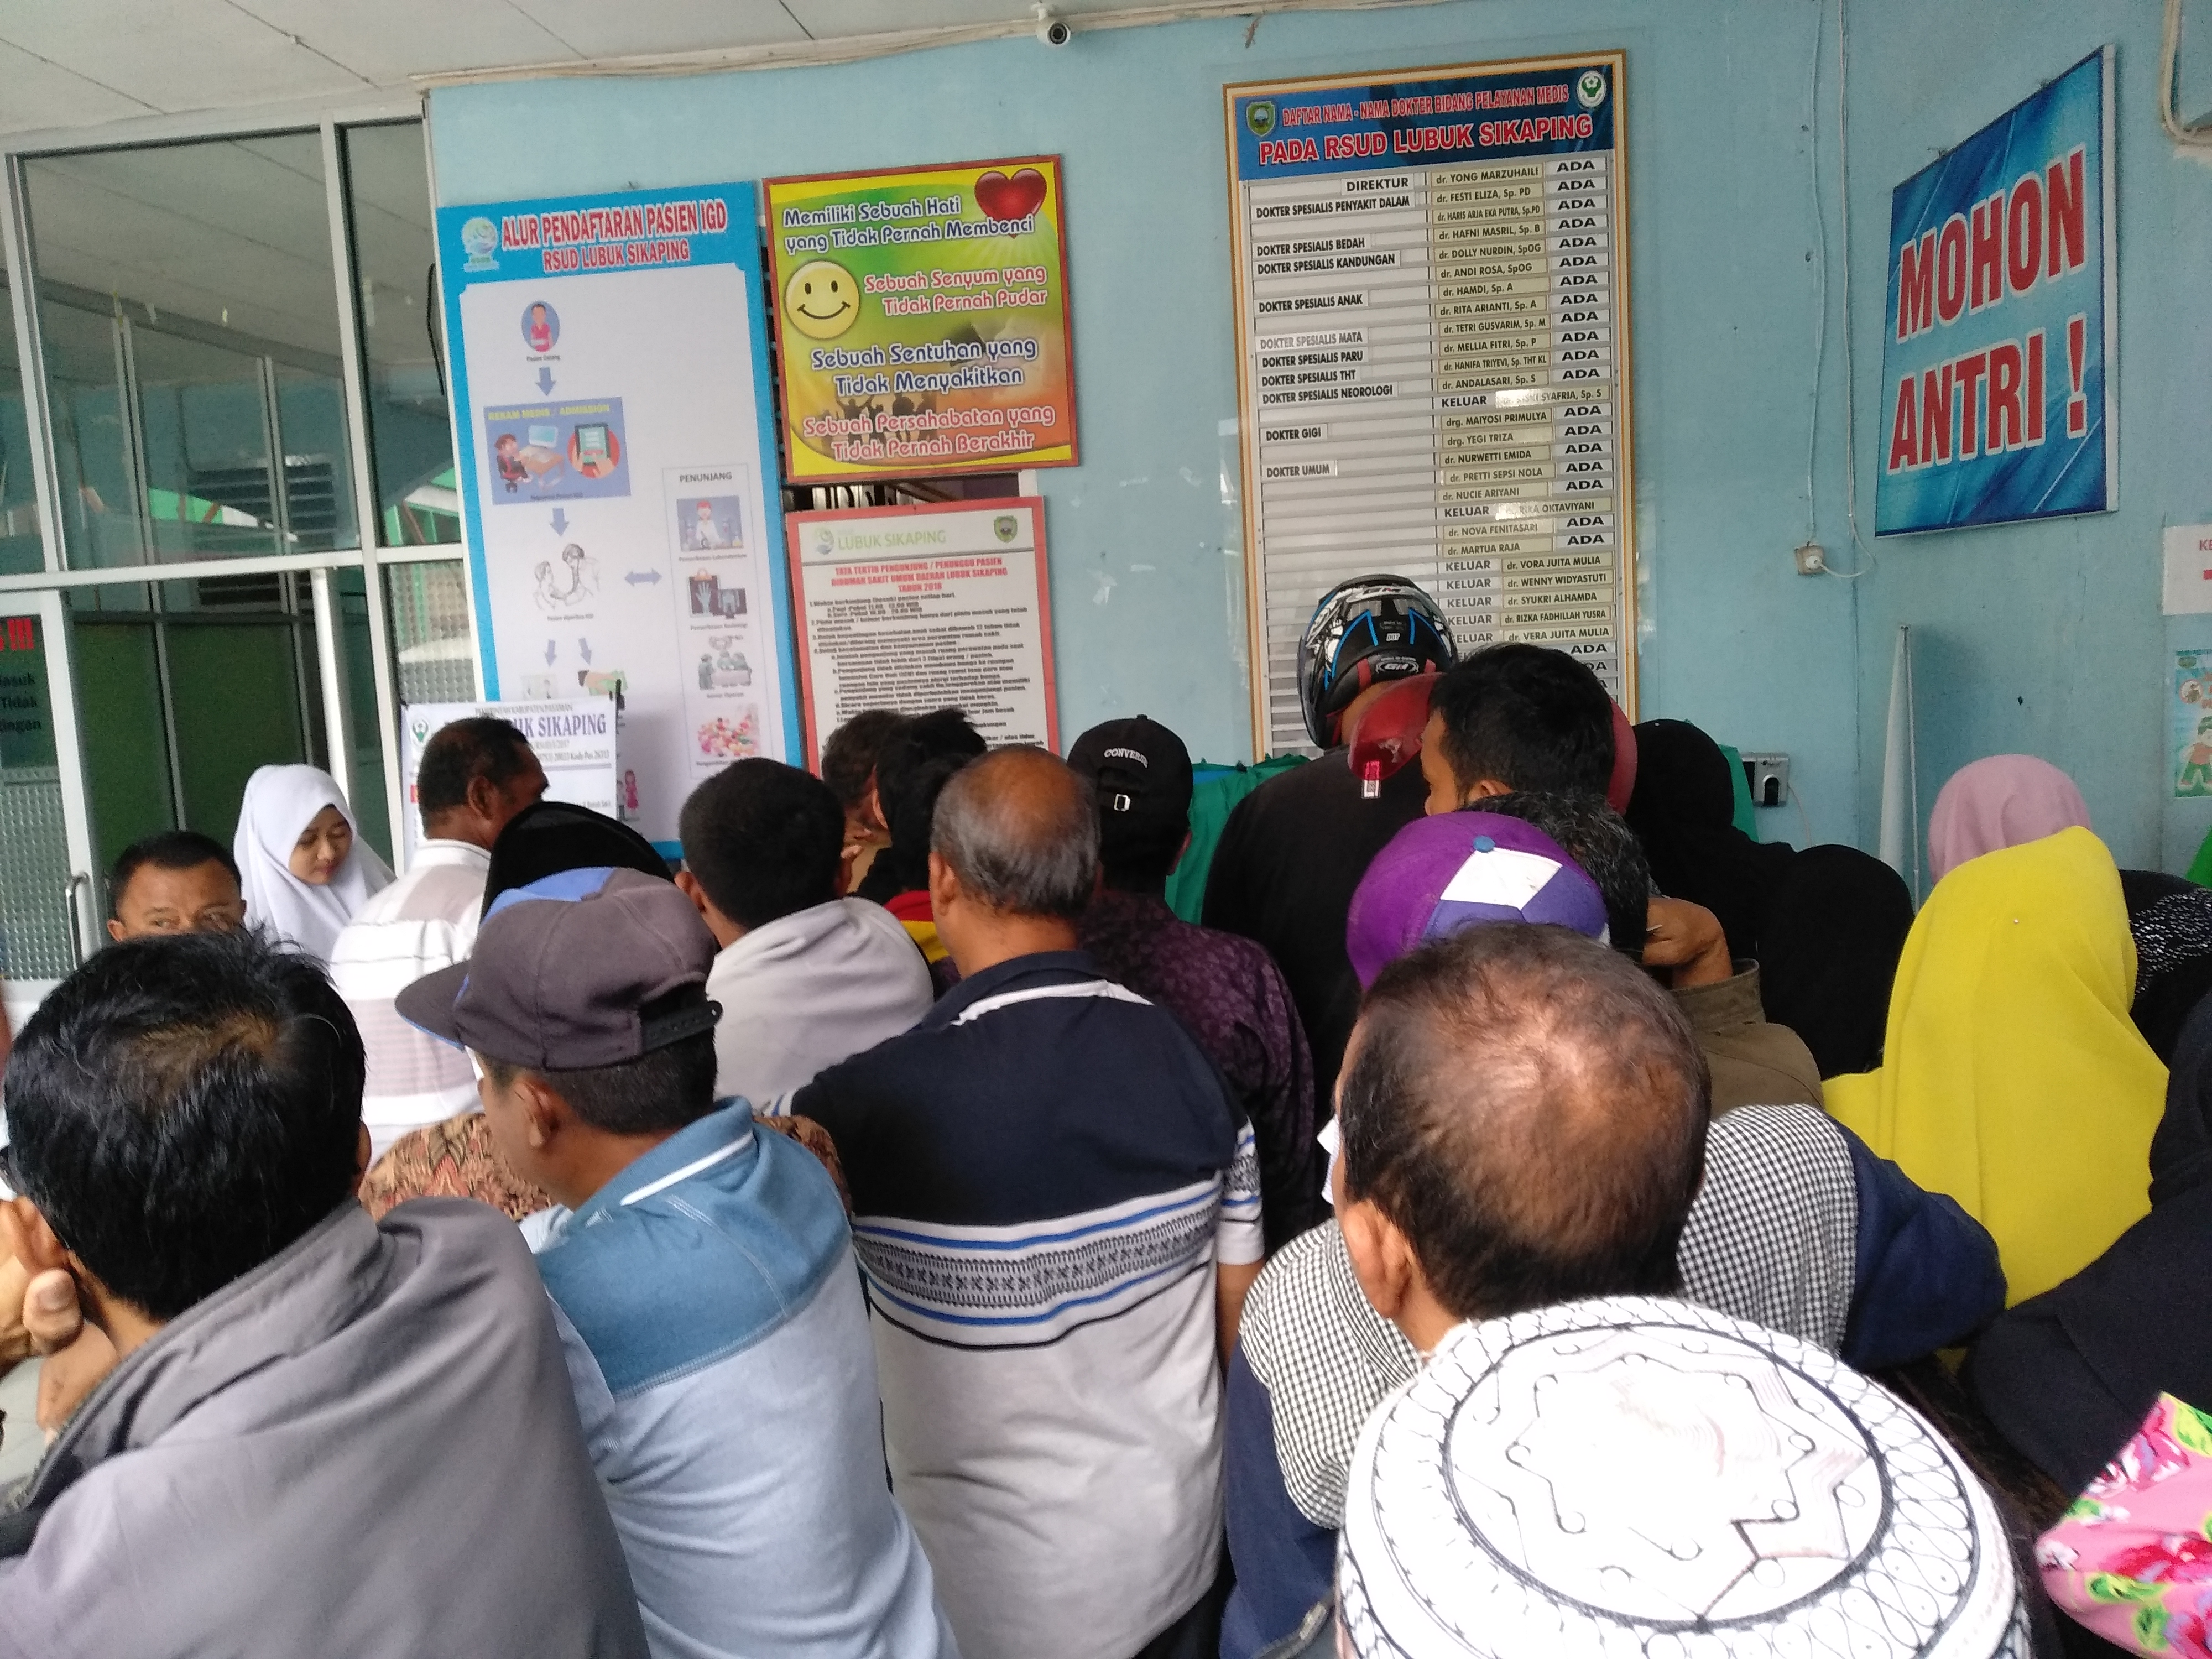 bapak - bapak dan ibu - ibu berdadak -dadakan saat akan mengambil nomor antrian di RSUD Lubuk Sikaping, Selasa Pagi (11/12/18) jam 70.10.